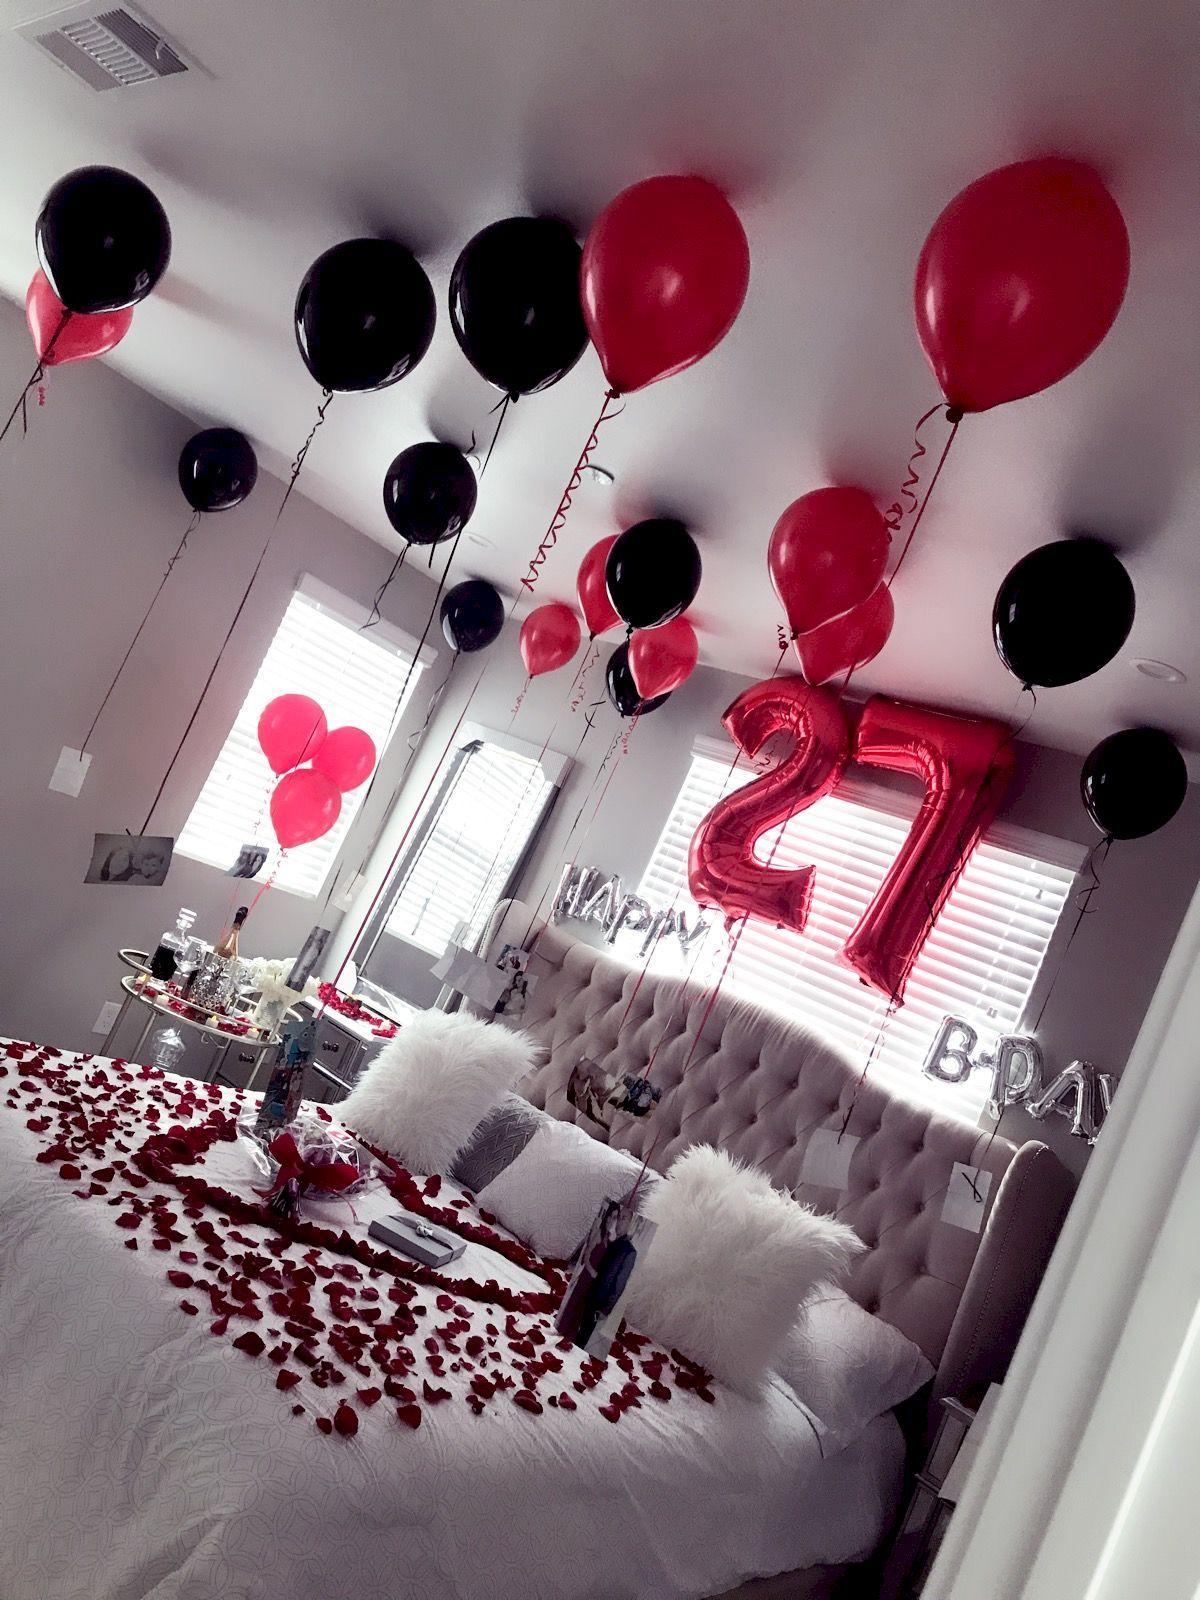 Birthday surprise party ideas also st girlfriends rh pinterest